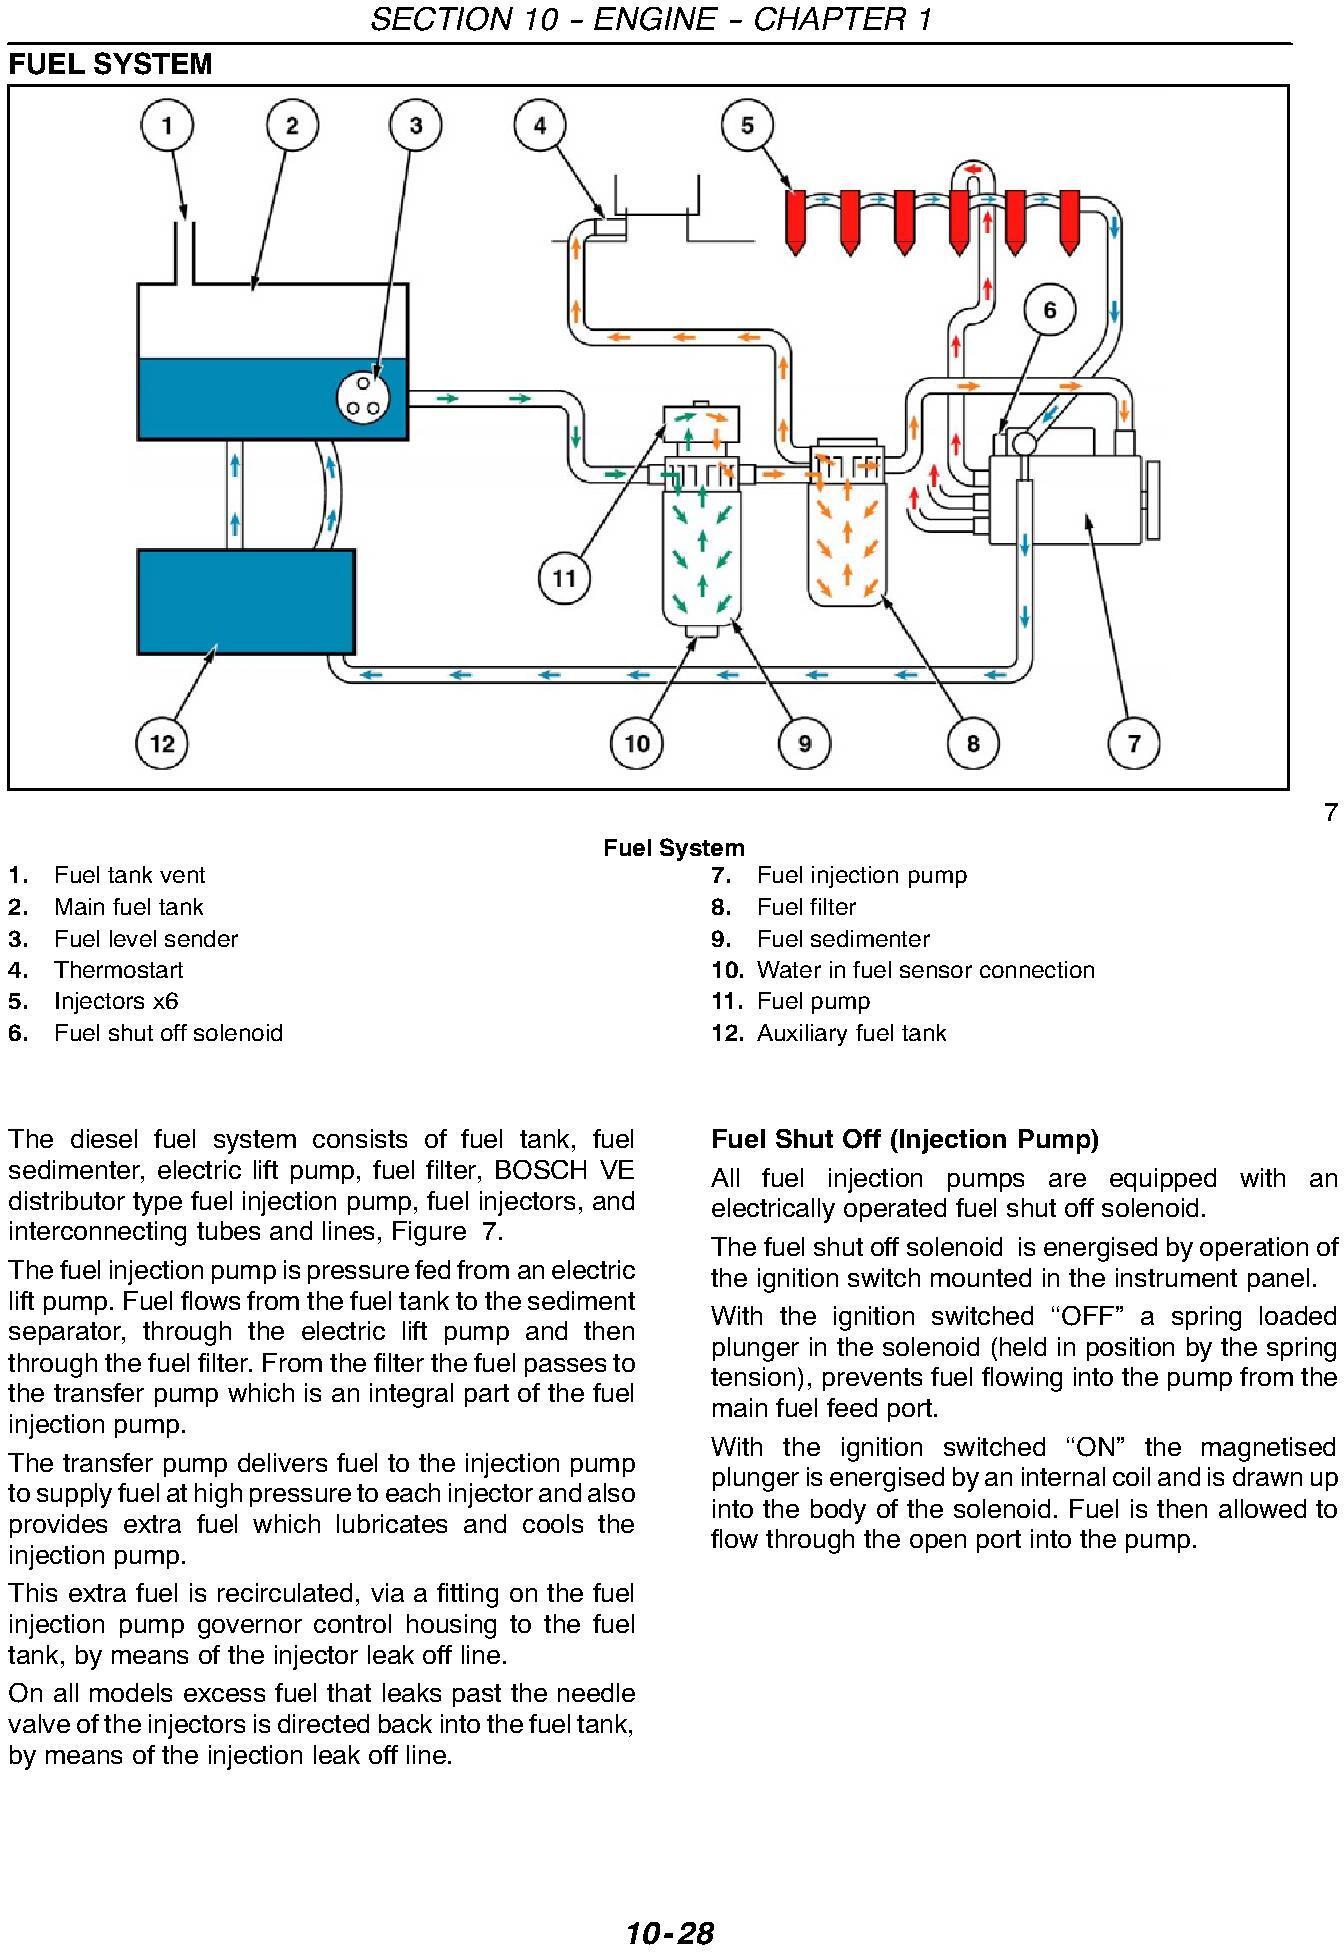 New Holland TM115, TM125, TM135, TM150, TM165 Tractor Comlete Service Manual - 1